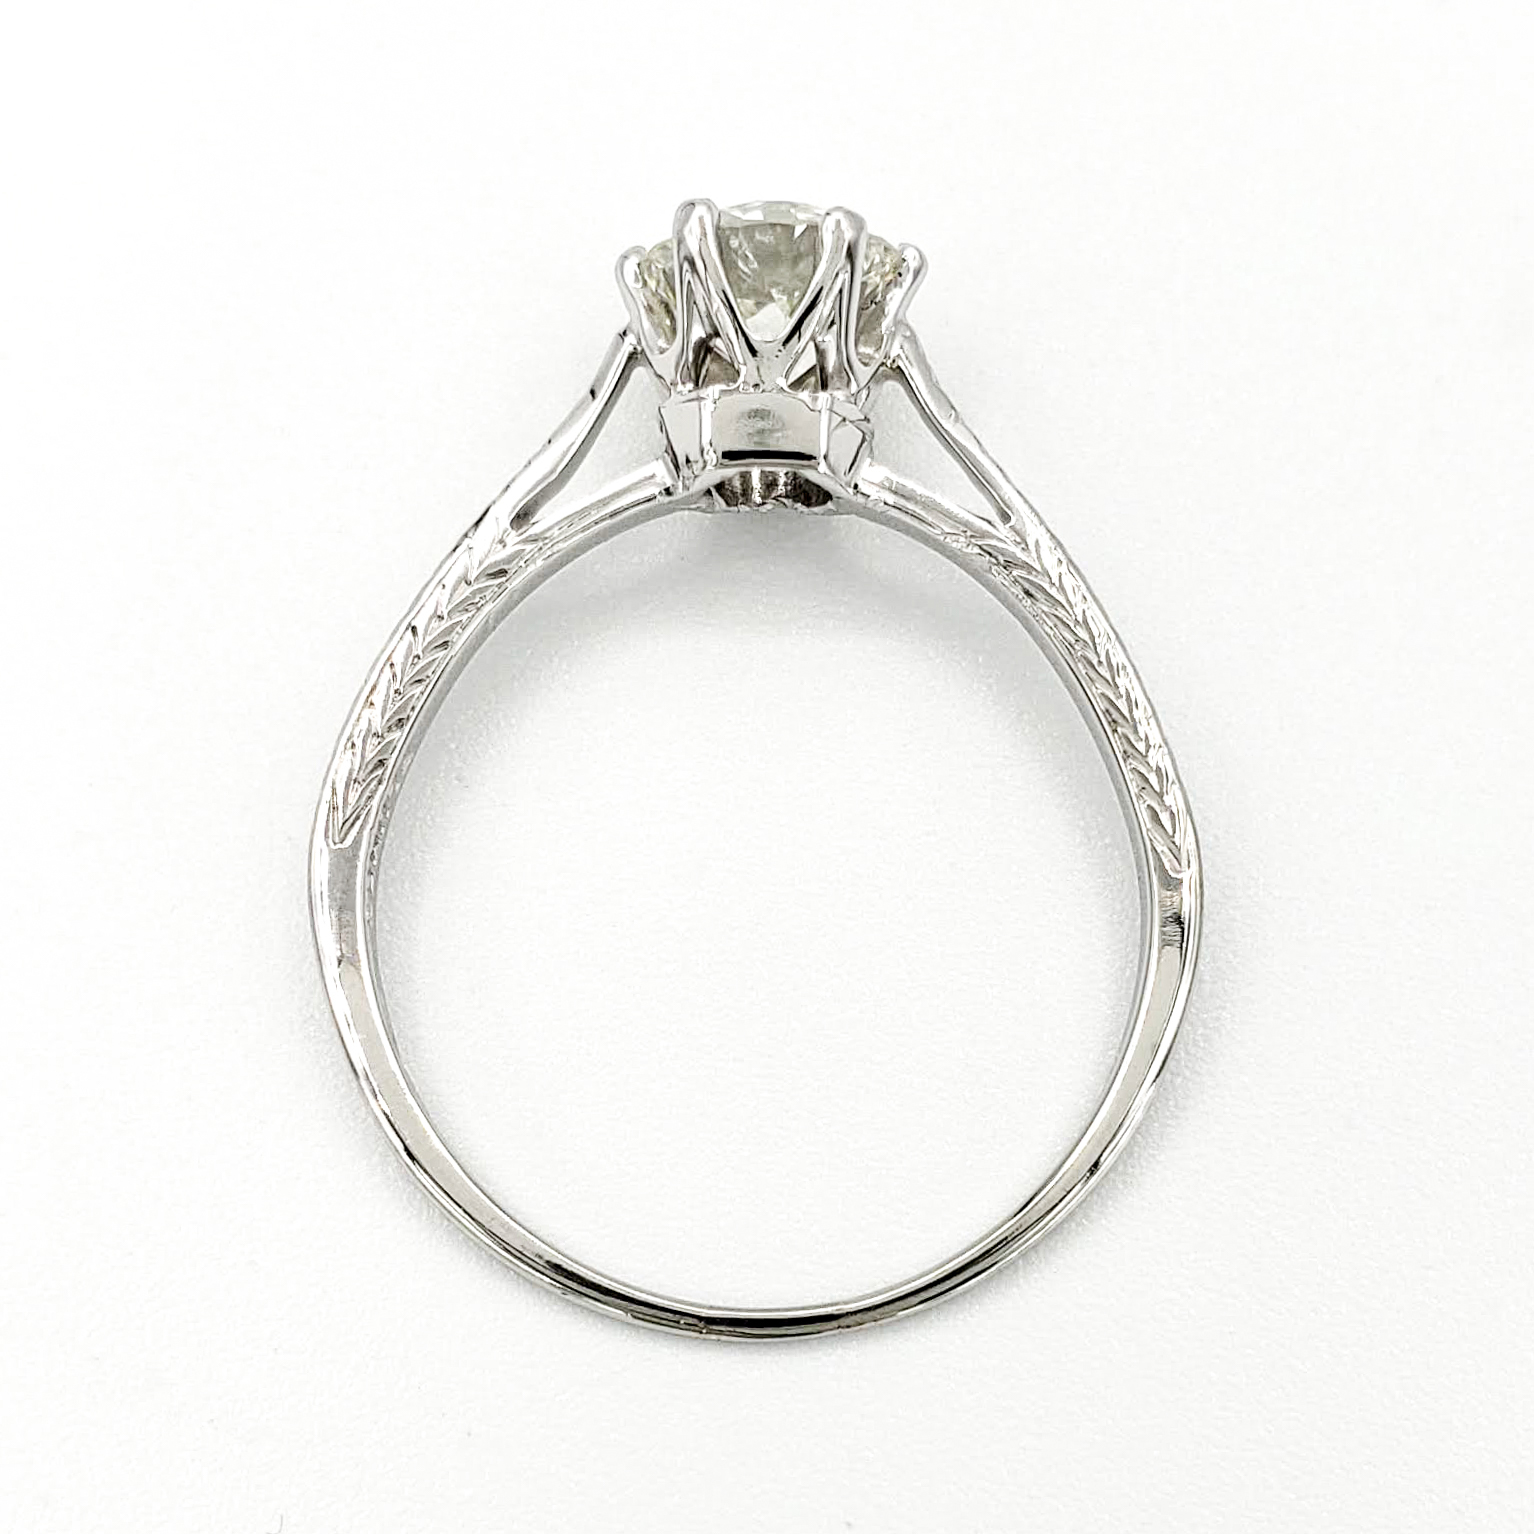 vintage-18-karat-gold-engagement-ring-with-0-80-carat-old-european-cut-diamond-gia-j-vs1